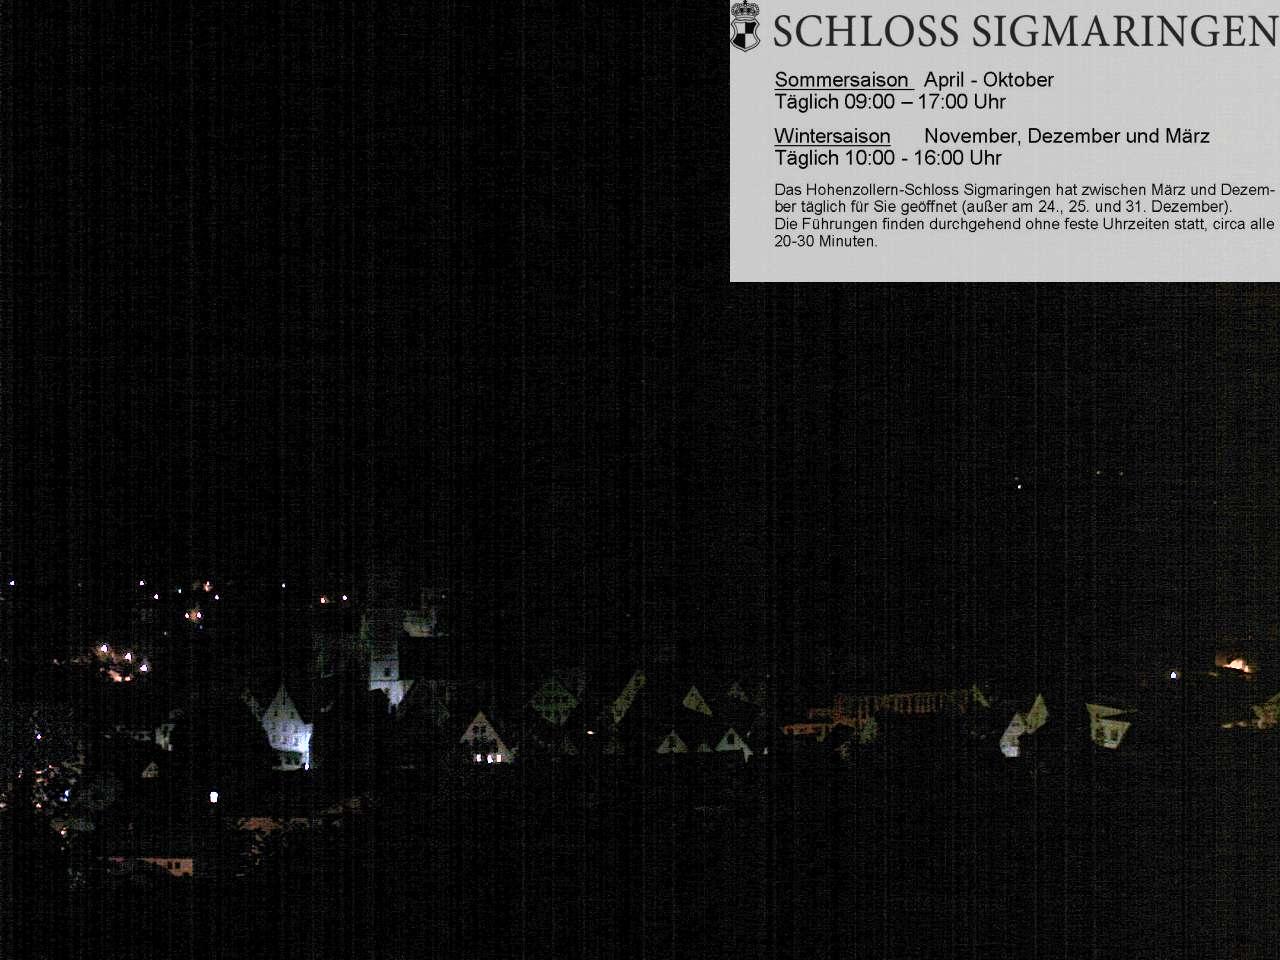 Sigmaringen - Blick vom Josefsberg auf das Schloss und die Stadt